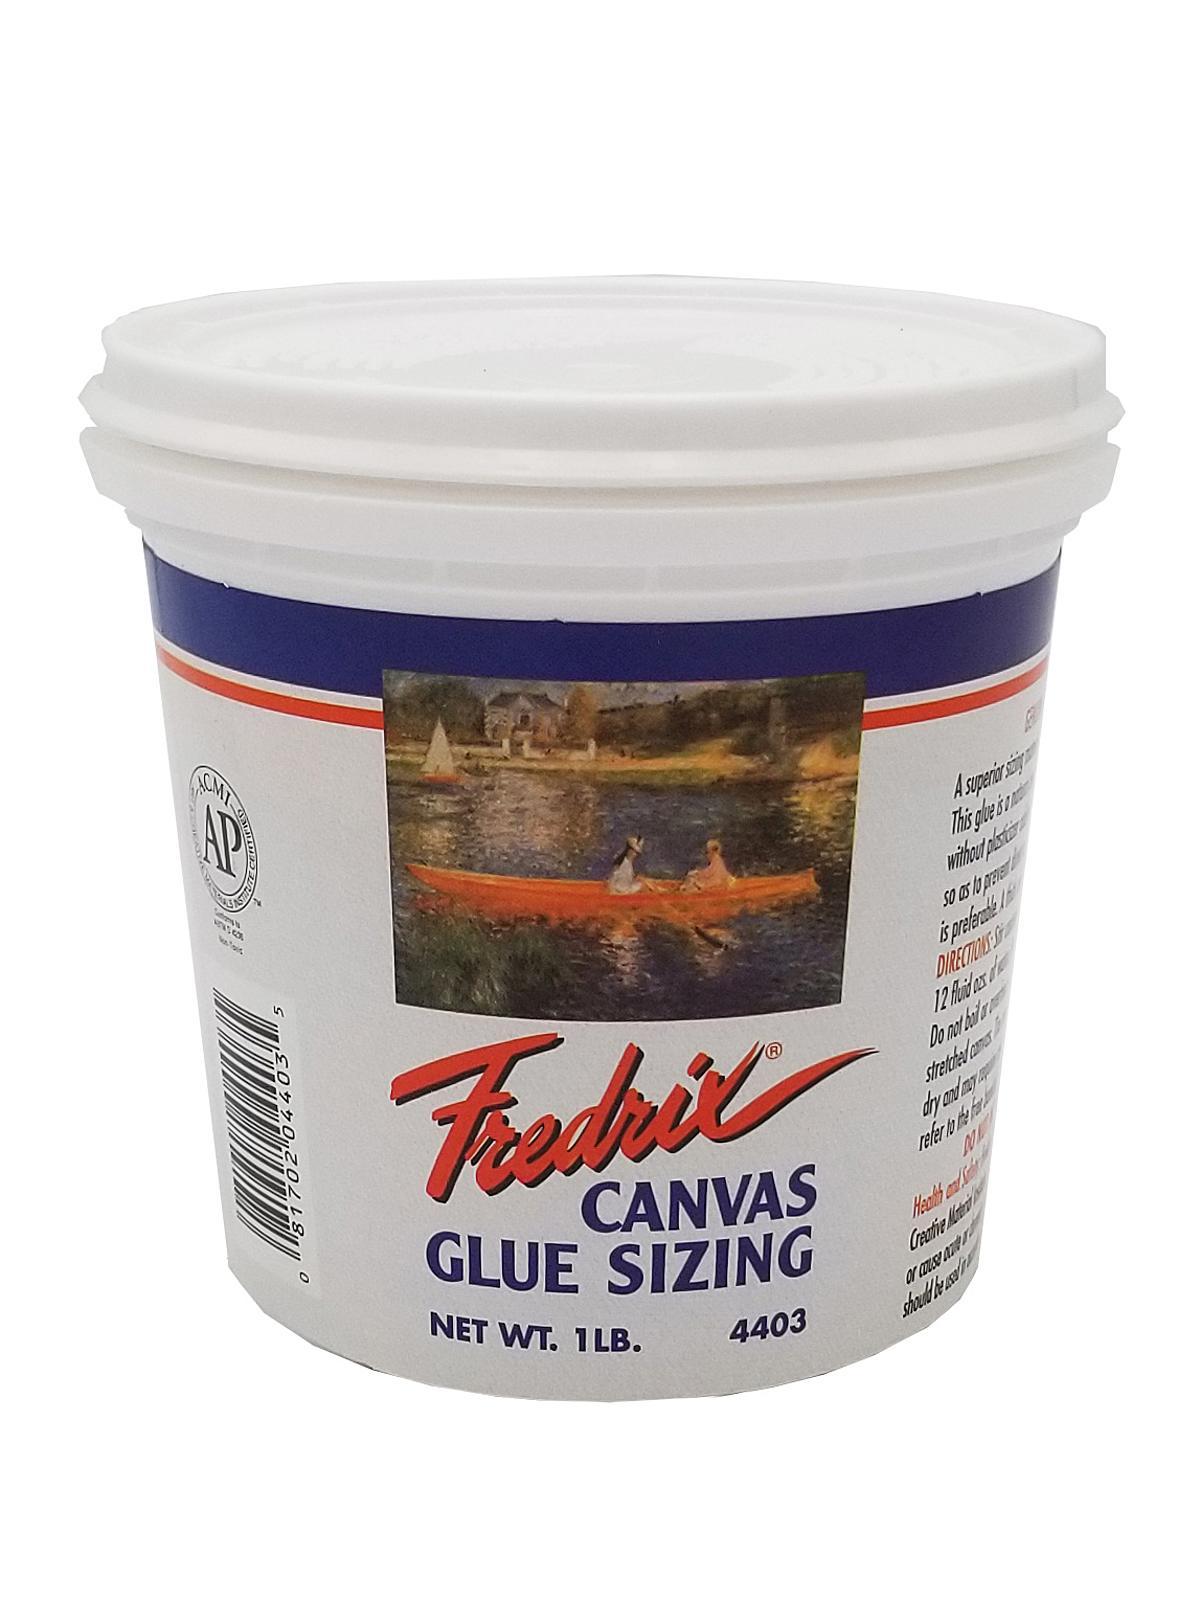 Glue Sizing